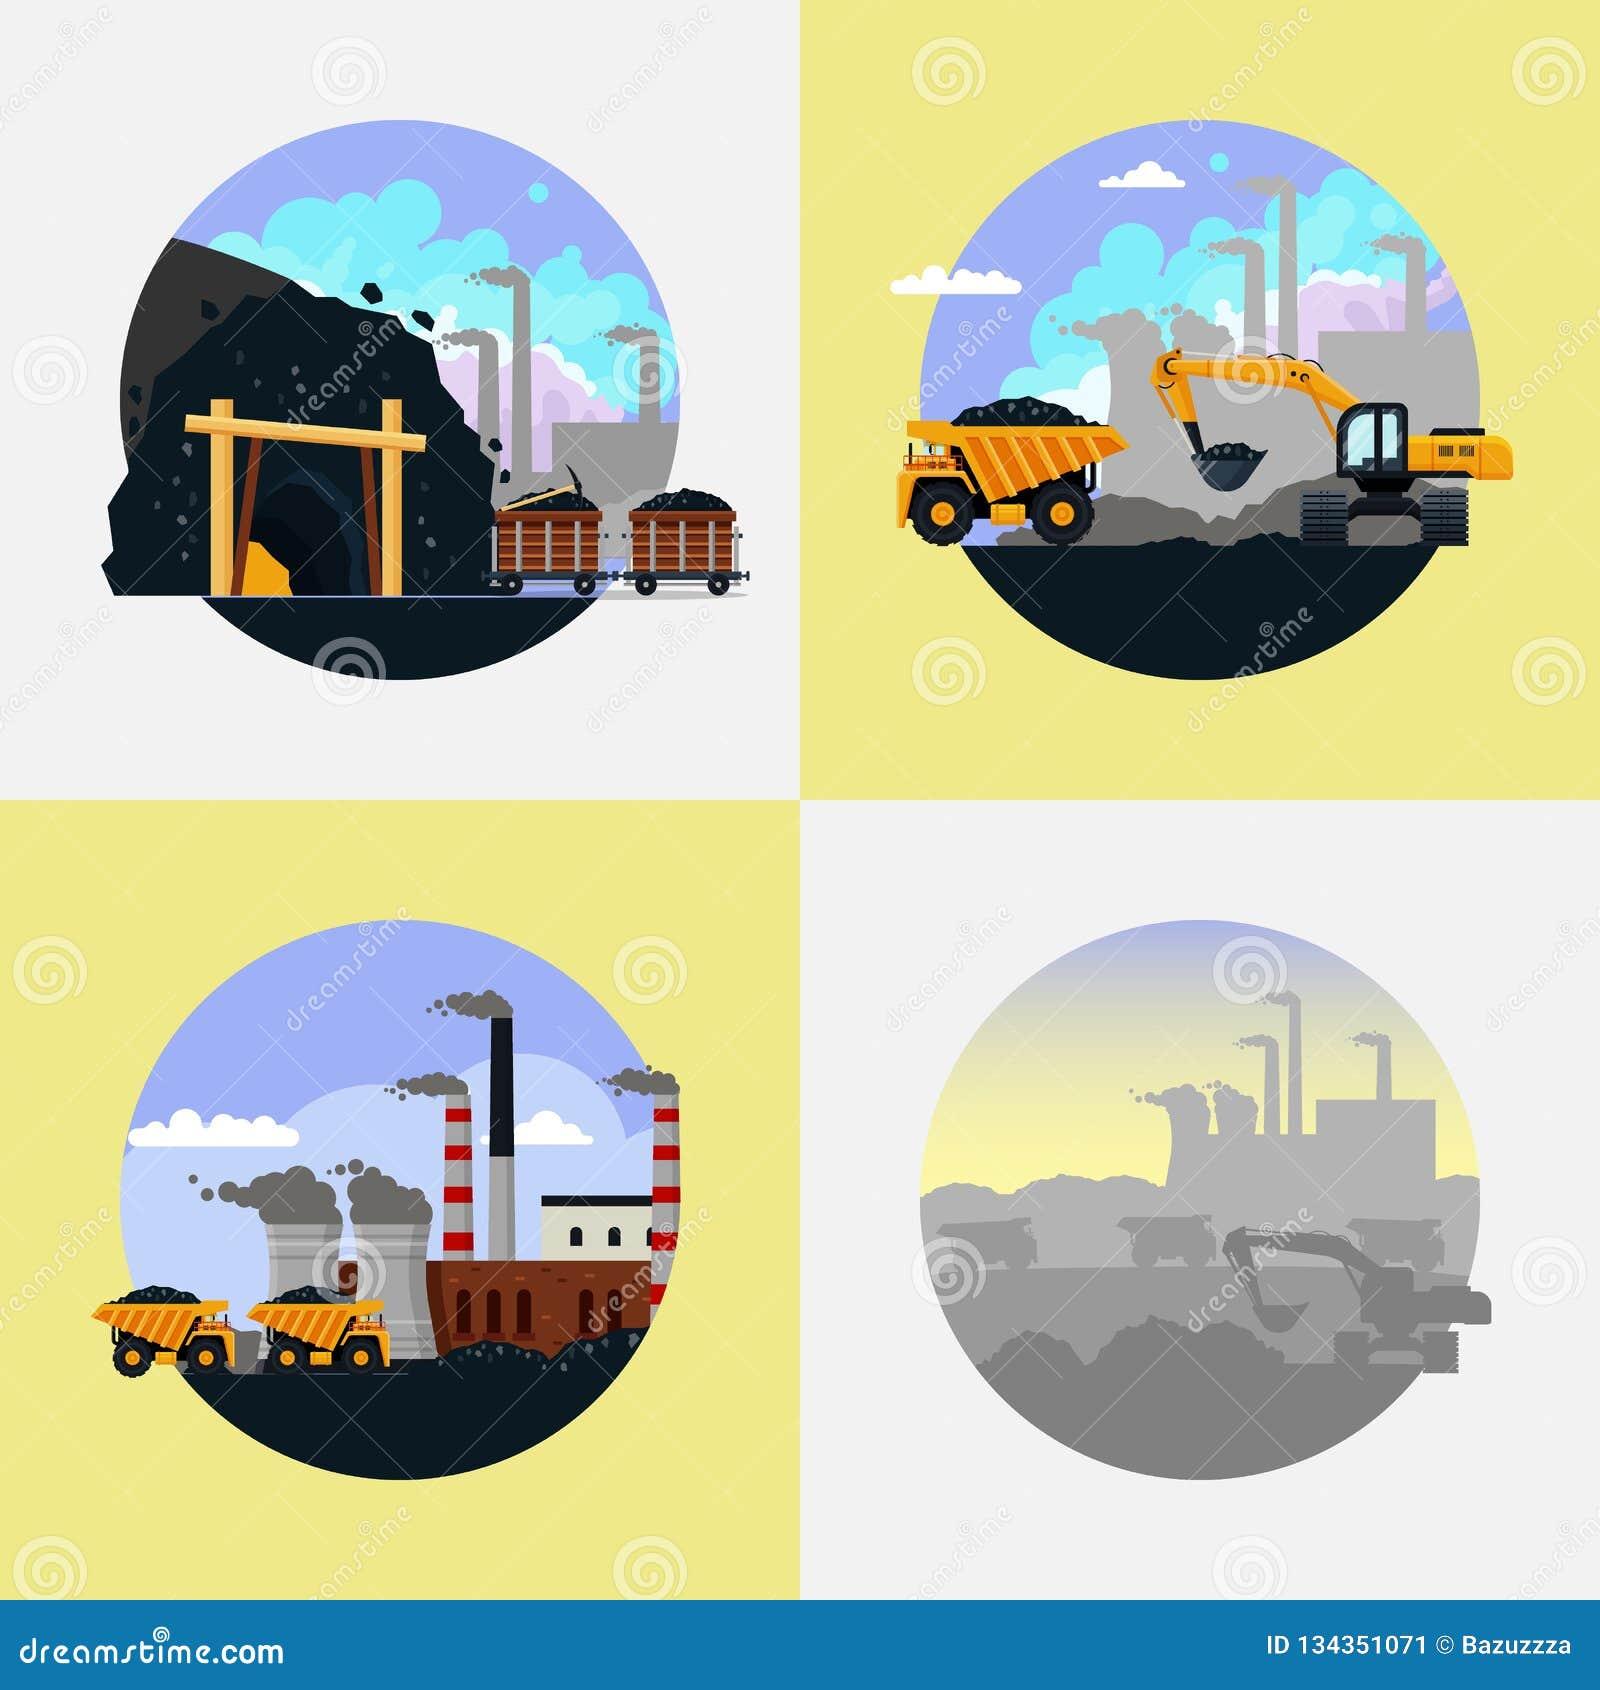 Καθορισμένη διανυσματική επίπεδη απεικόνιση του άνθρακα βιομηχανίας